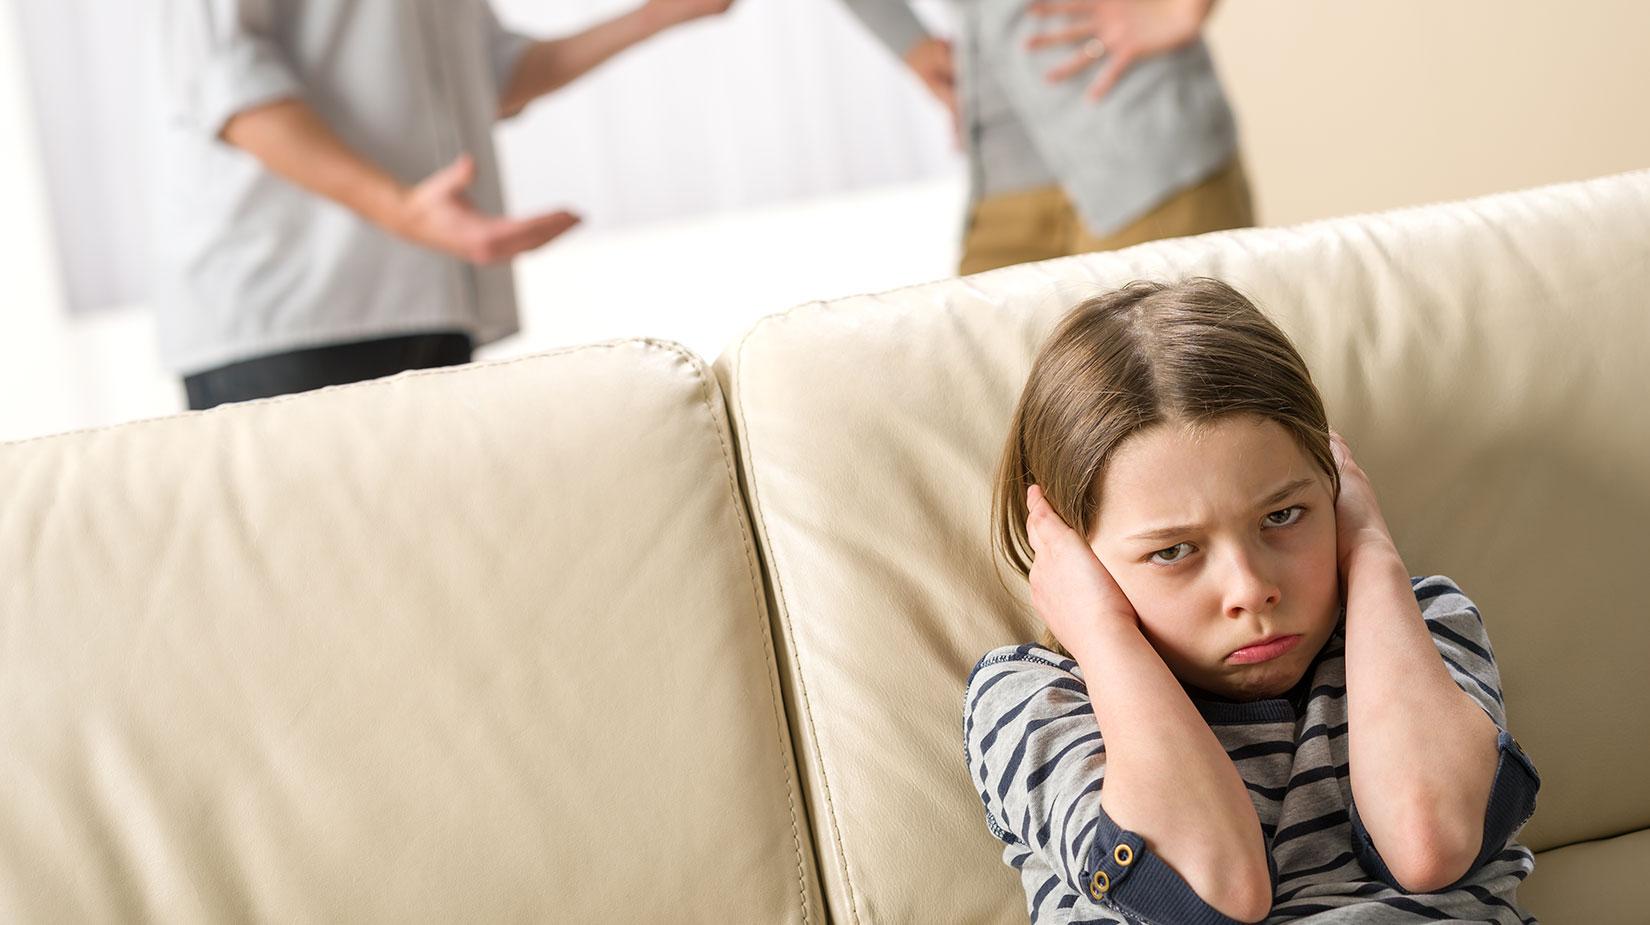 Boşanma Sürecinde Yaşadığınız Sıkıntıları Çocuğunuza Anlatın!